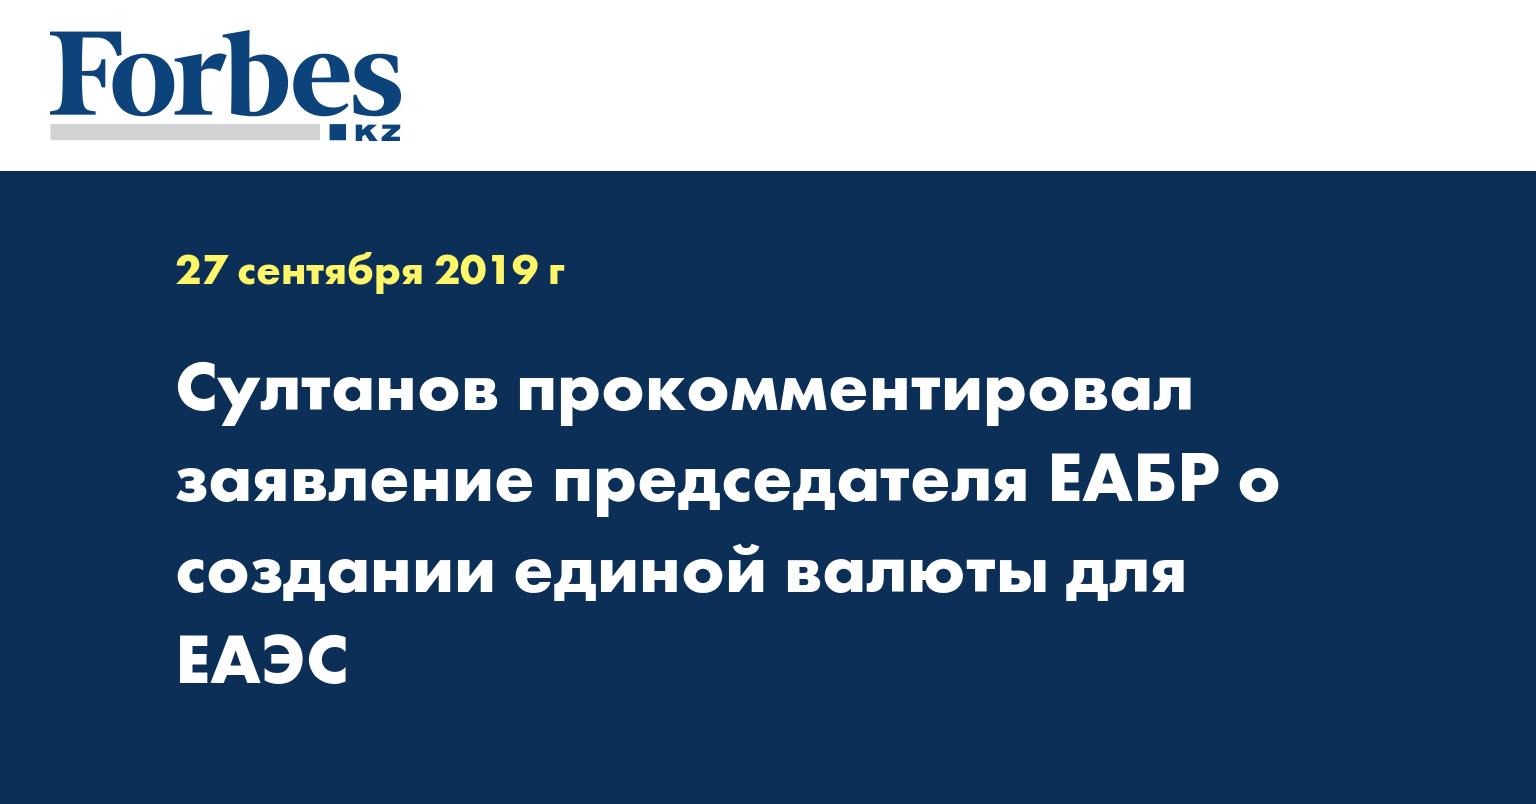 Султанов прокомментировал заявление председателя ЕАБР о создании единой валюты для ЕАЭС